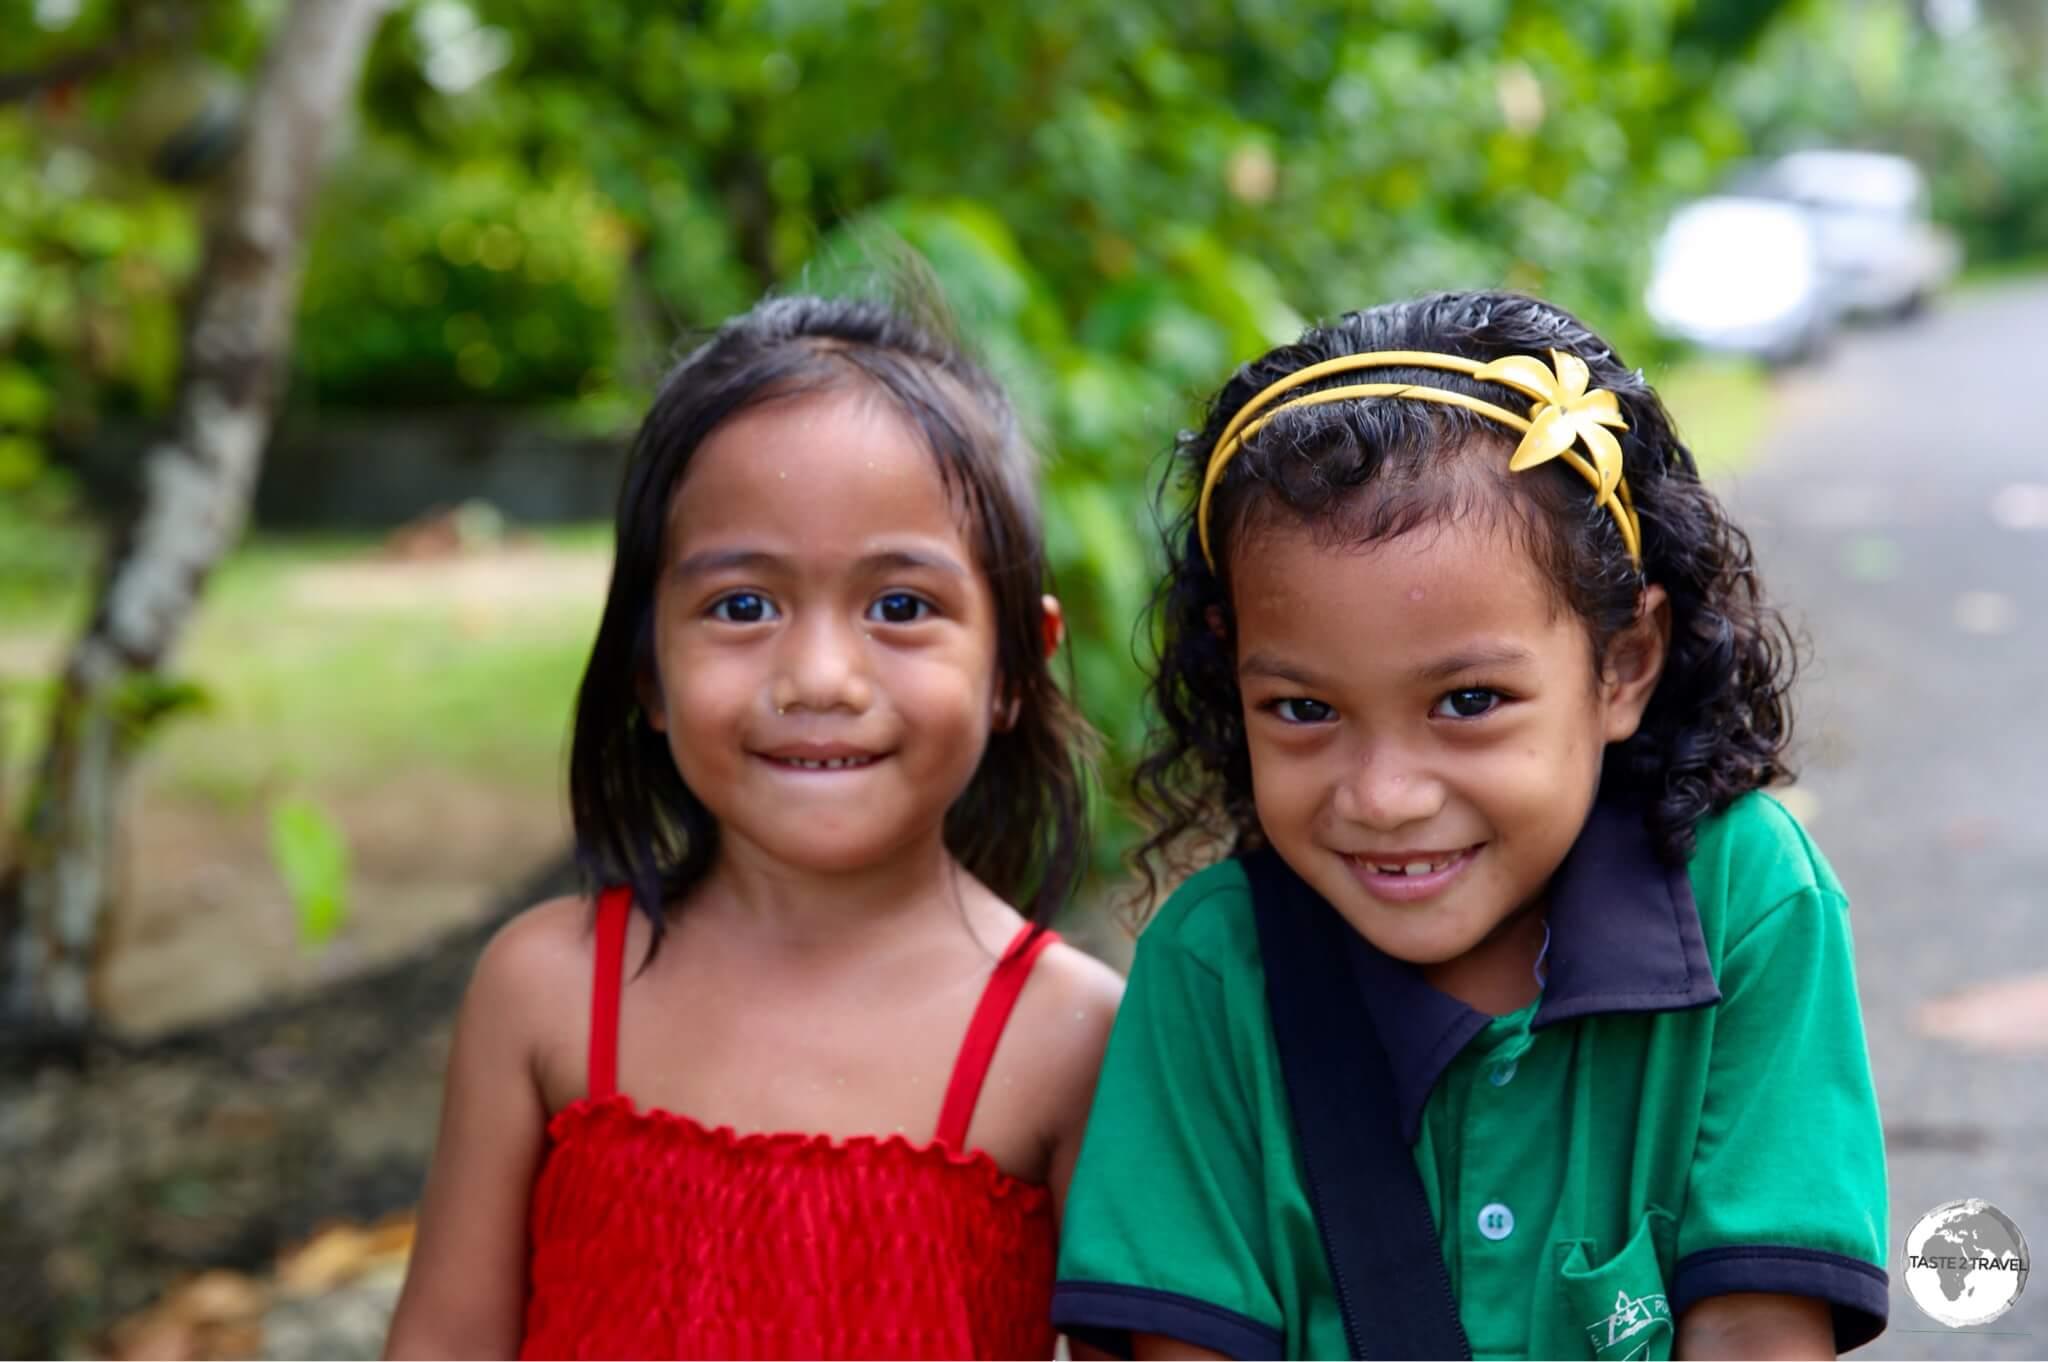 No shortage of smiles on Pohnpei.